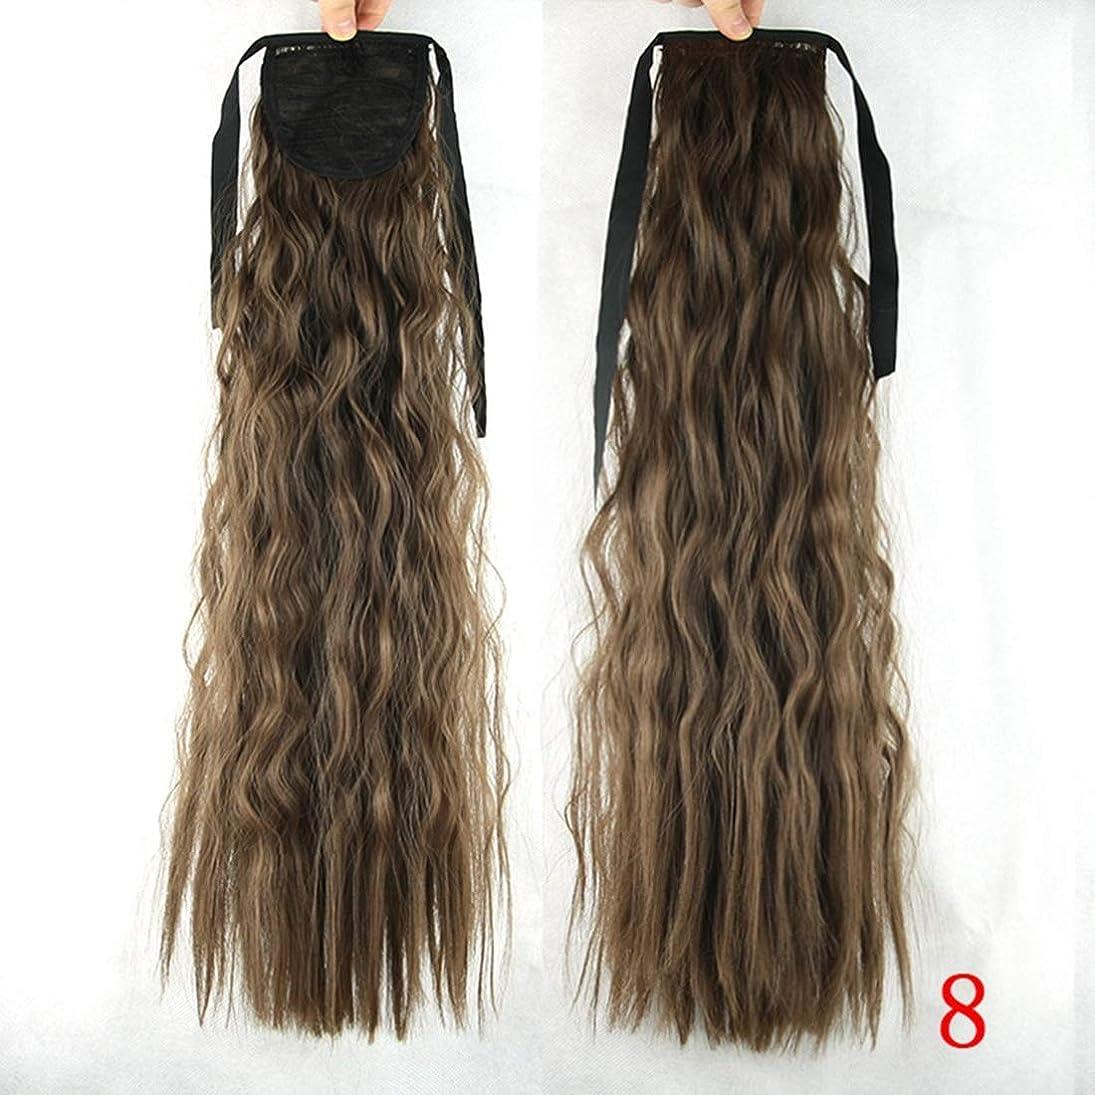 手を差し伸べる粘り強い野なJIANFU 編んだヘア ピース ロングヘア タコ ポニーテール ウィッグ 軽量 (Color : Color 8)